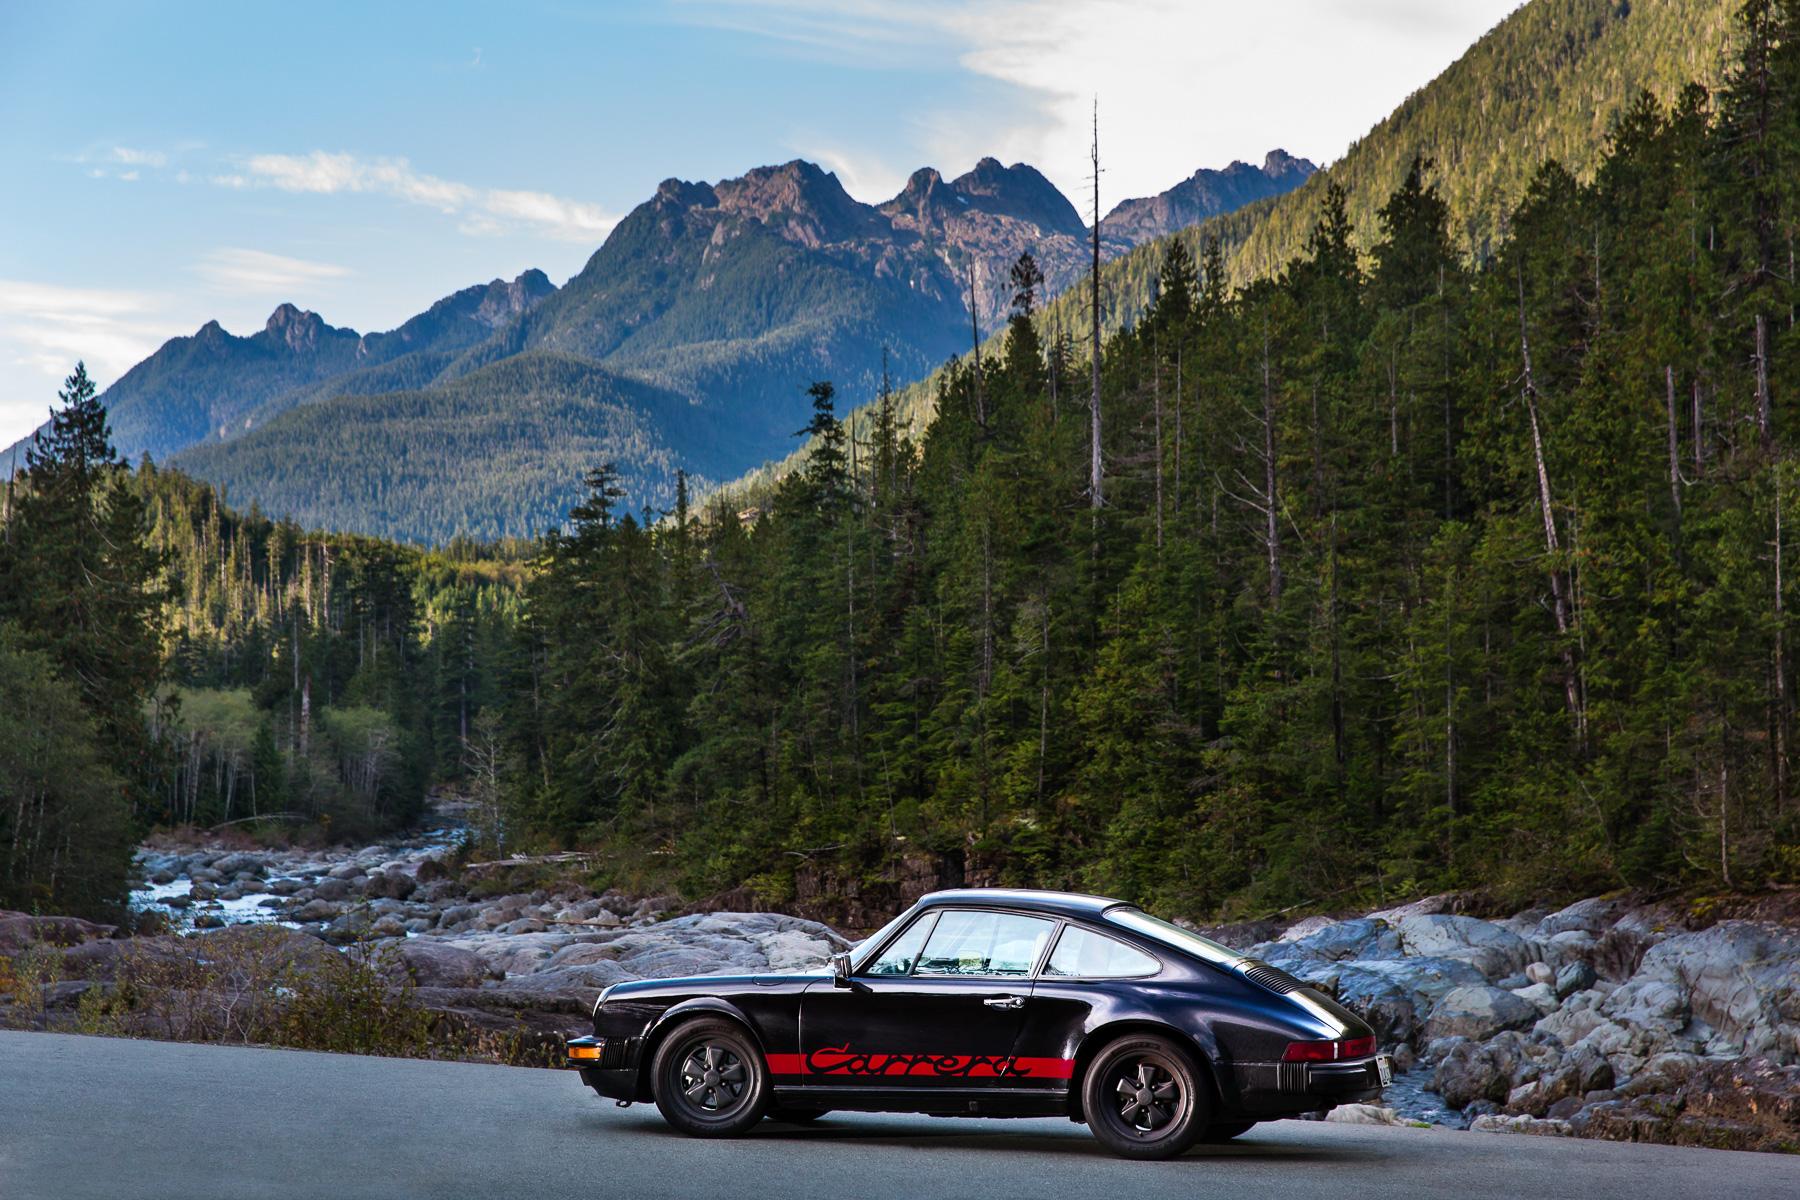 Porsche_911_Tofino